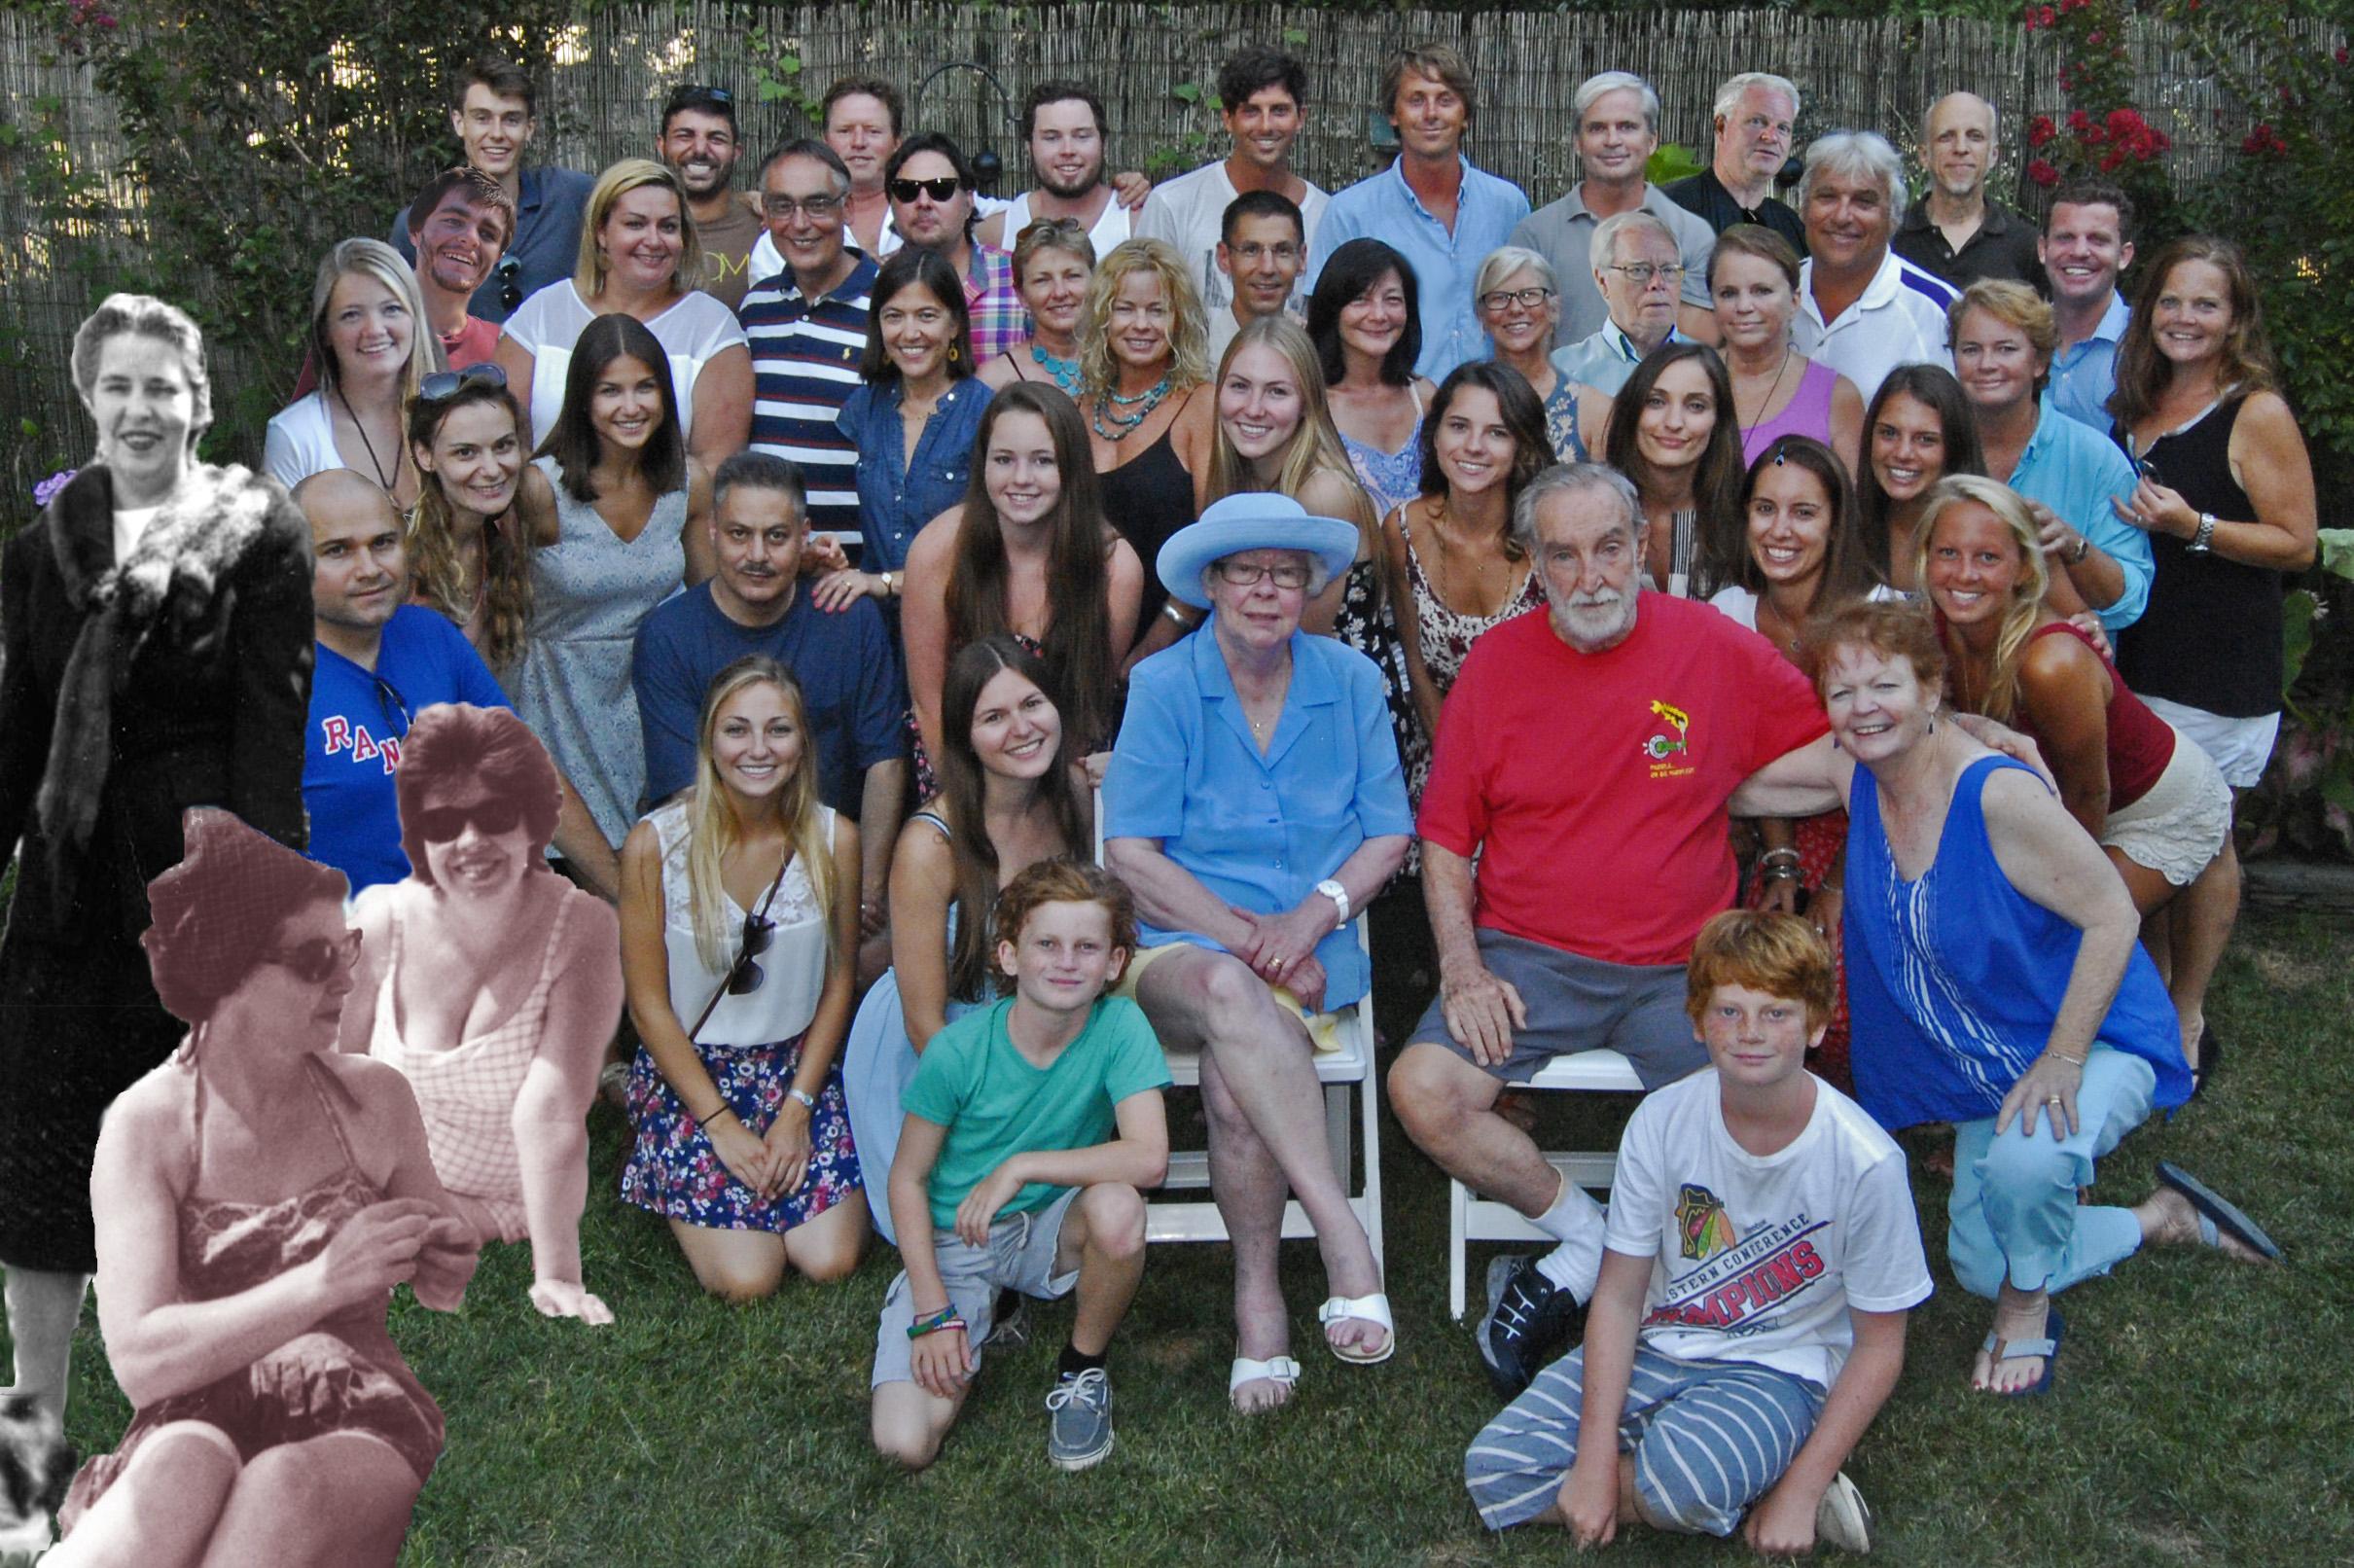 Full group, add BJ, Chloe, Gavin, Tom, Spirits